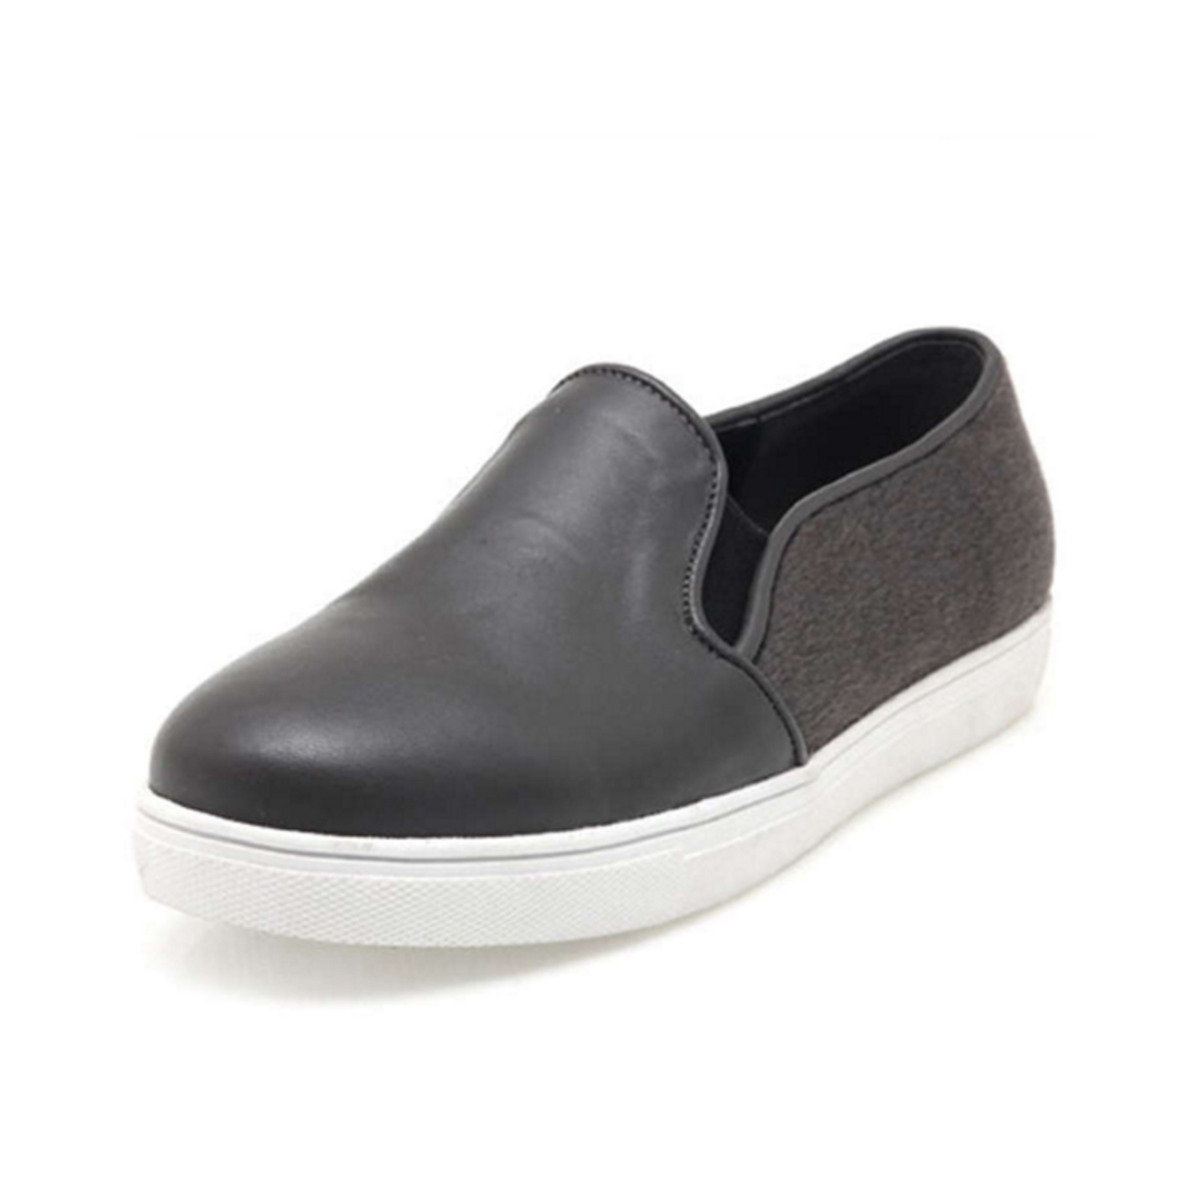 輕便運動鞋